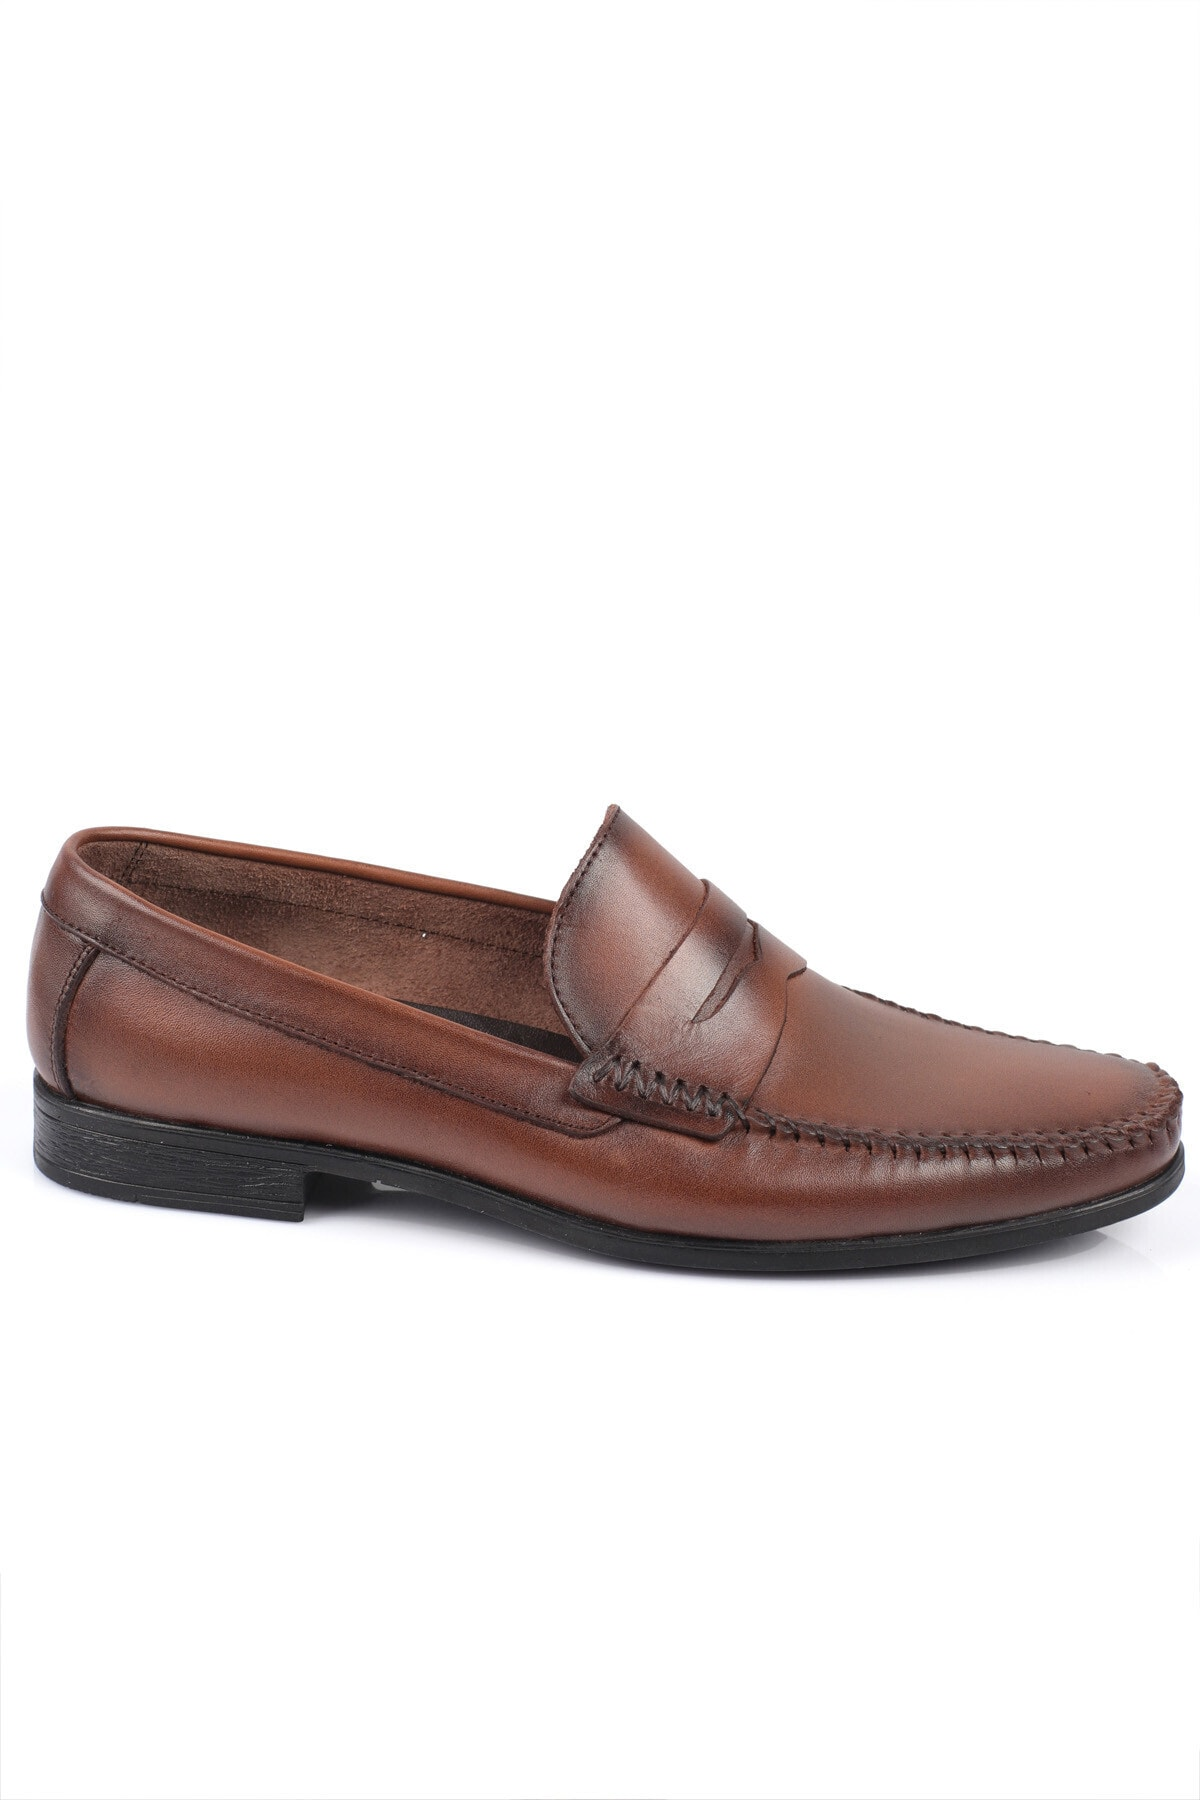 Daxtors D10180 Günlük Klasik Hakiki Deri Erkek Ayakkabı